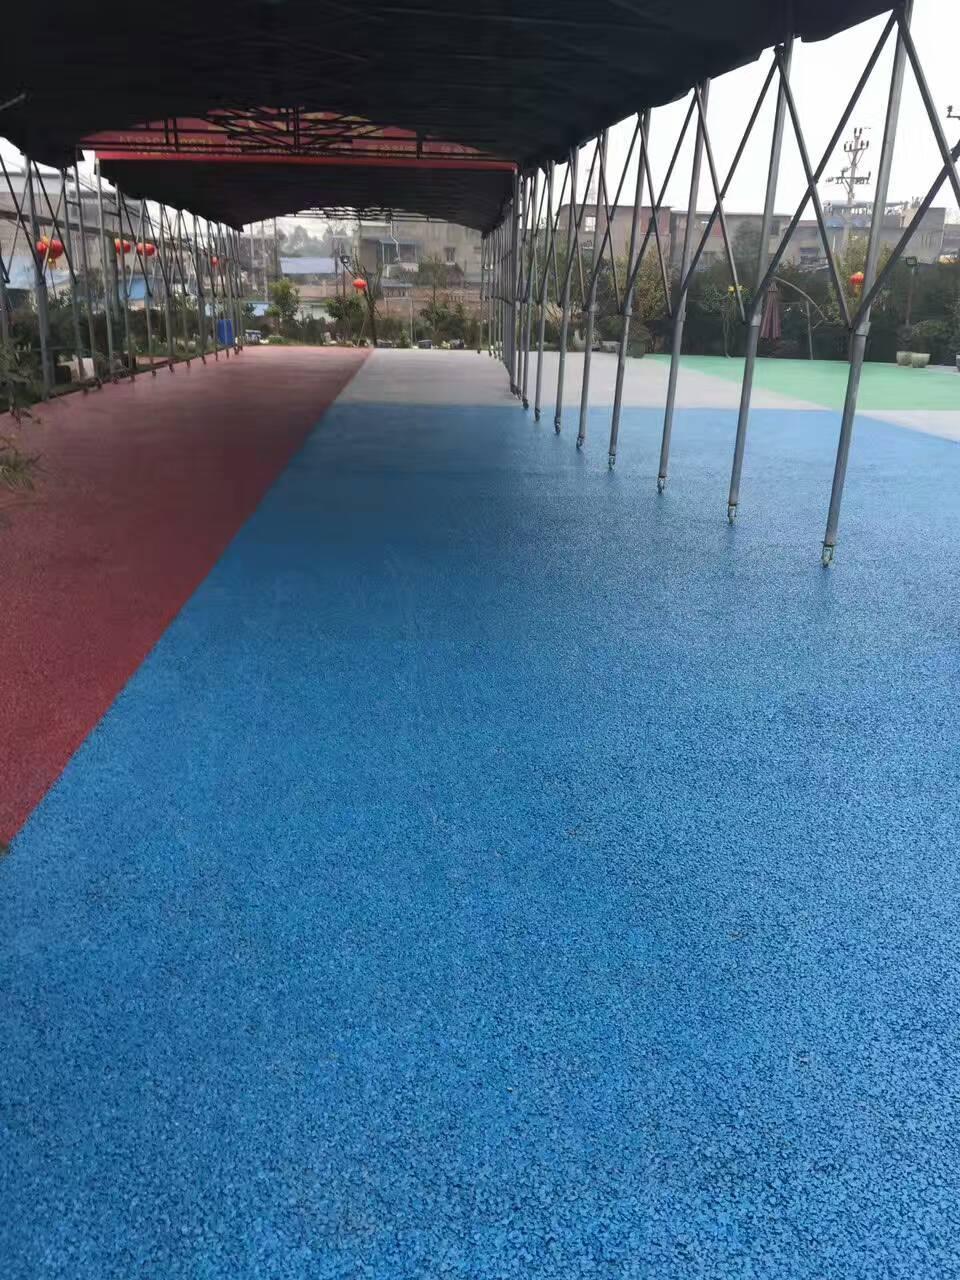 江苏淮安海绵城市正式启动步行街透水 彩色混凝土路面